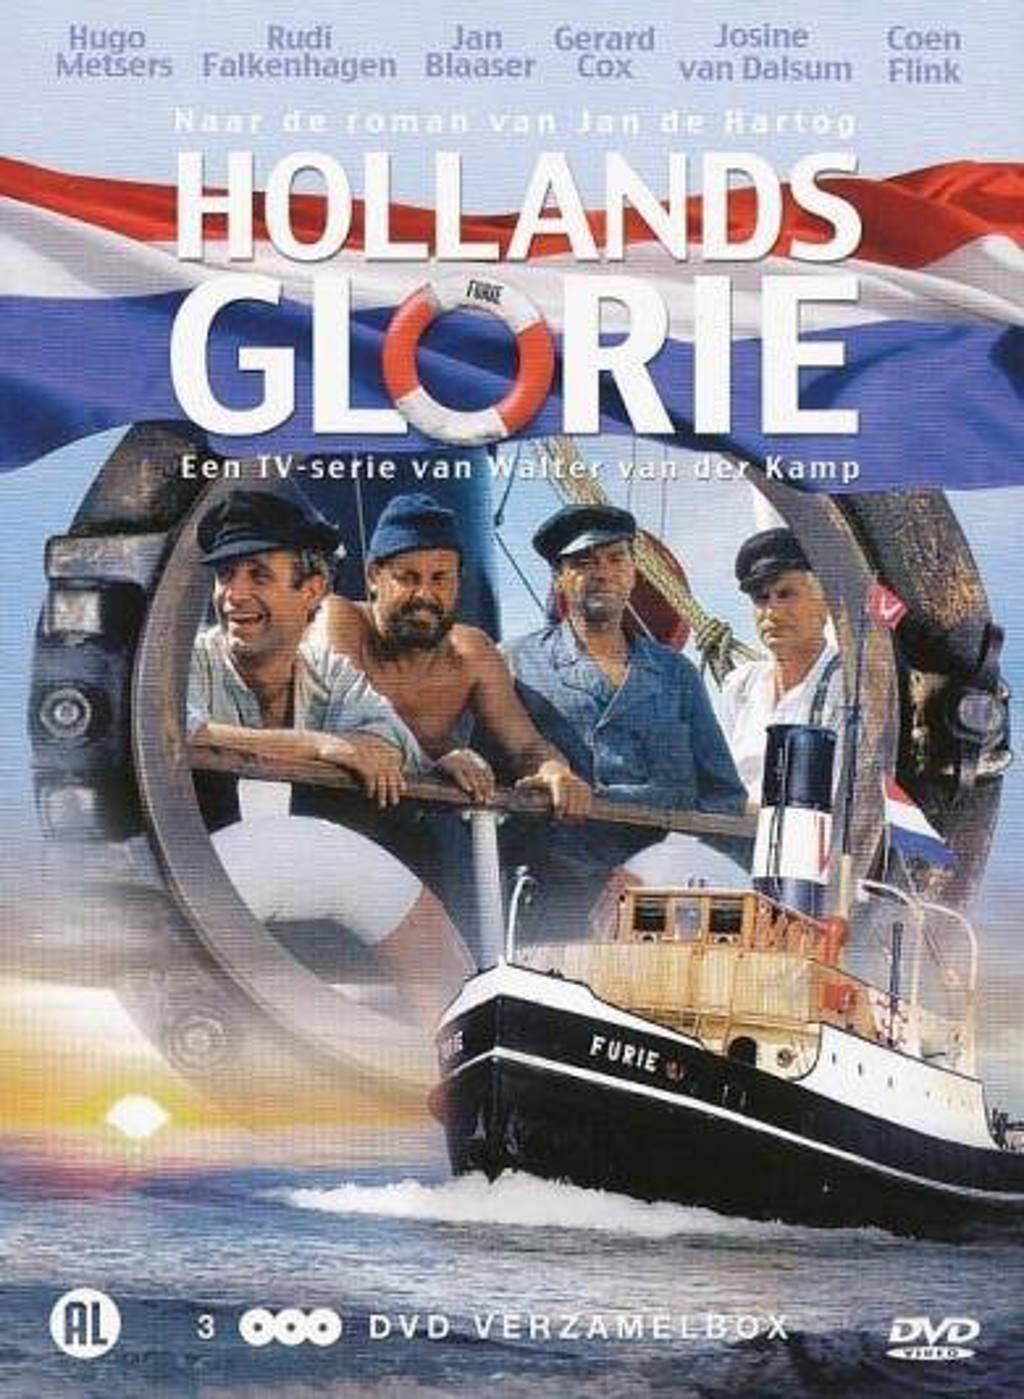 Hollands glorie (DVD)